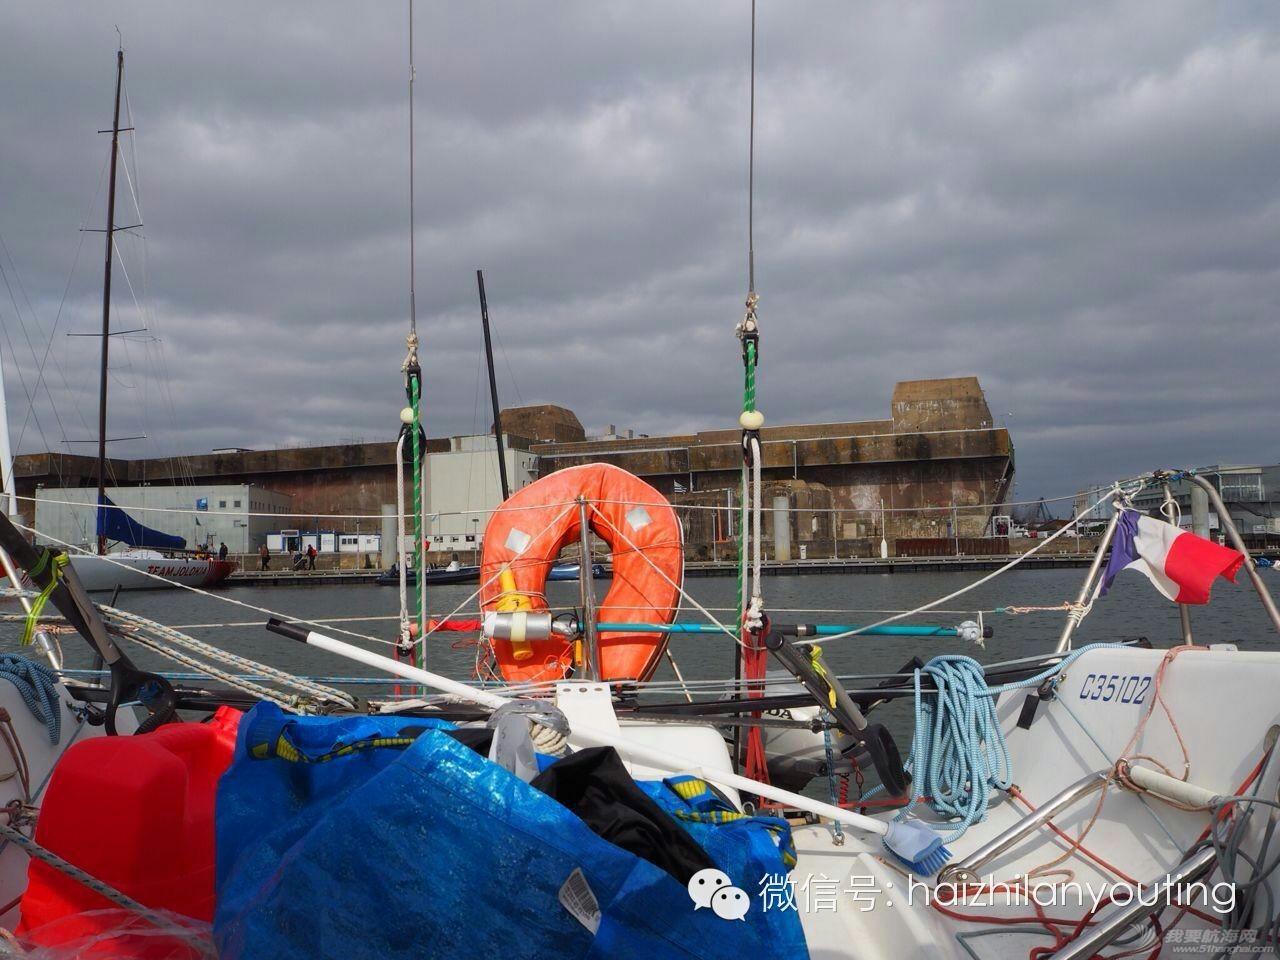 """通讯设备,国际帆联,航海技术,大西洋,培训机构,通讯设备,国际帆联,航海技术,大西洋,培训机构 徐京坤的新梦想----参加2015年""""MINI TRANSAT 650级别单人横渡大西洋帆船赛"""". 230925efdfa99047c8249cbc629cbdb8.jpg"""